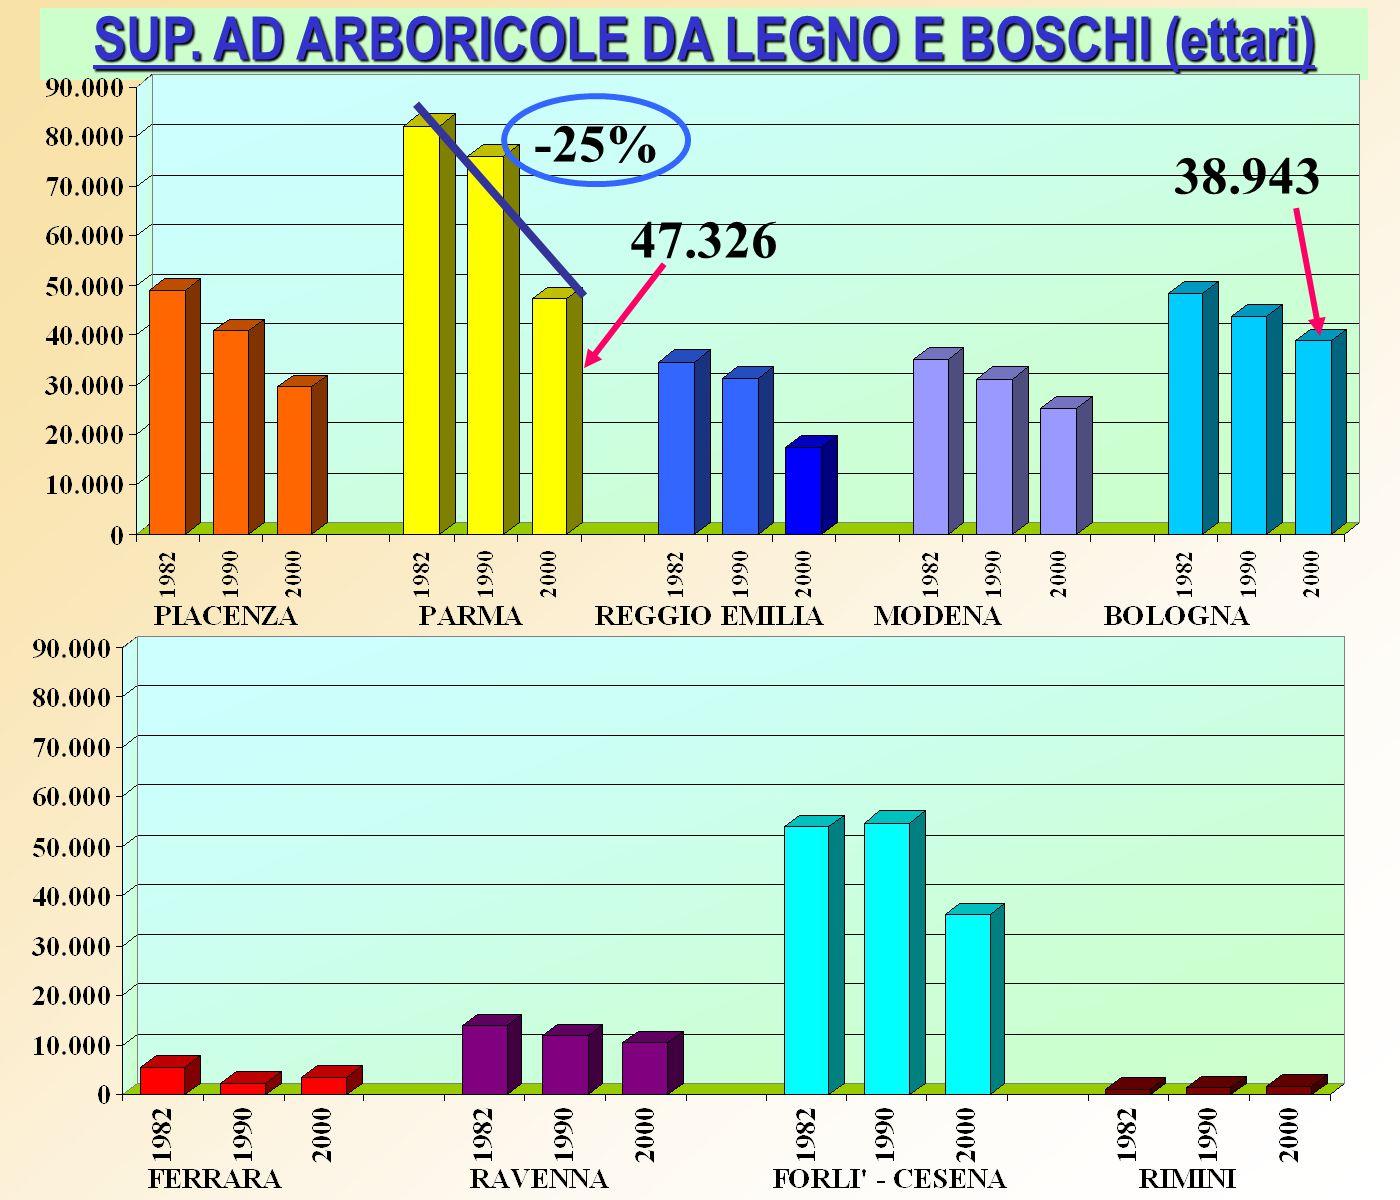 SUP. AD ARBORICOLE DA LEGNO E BOSCHI (ettari) -25% 47.326 38.943